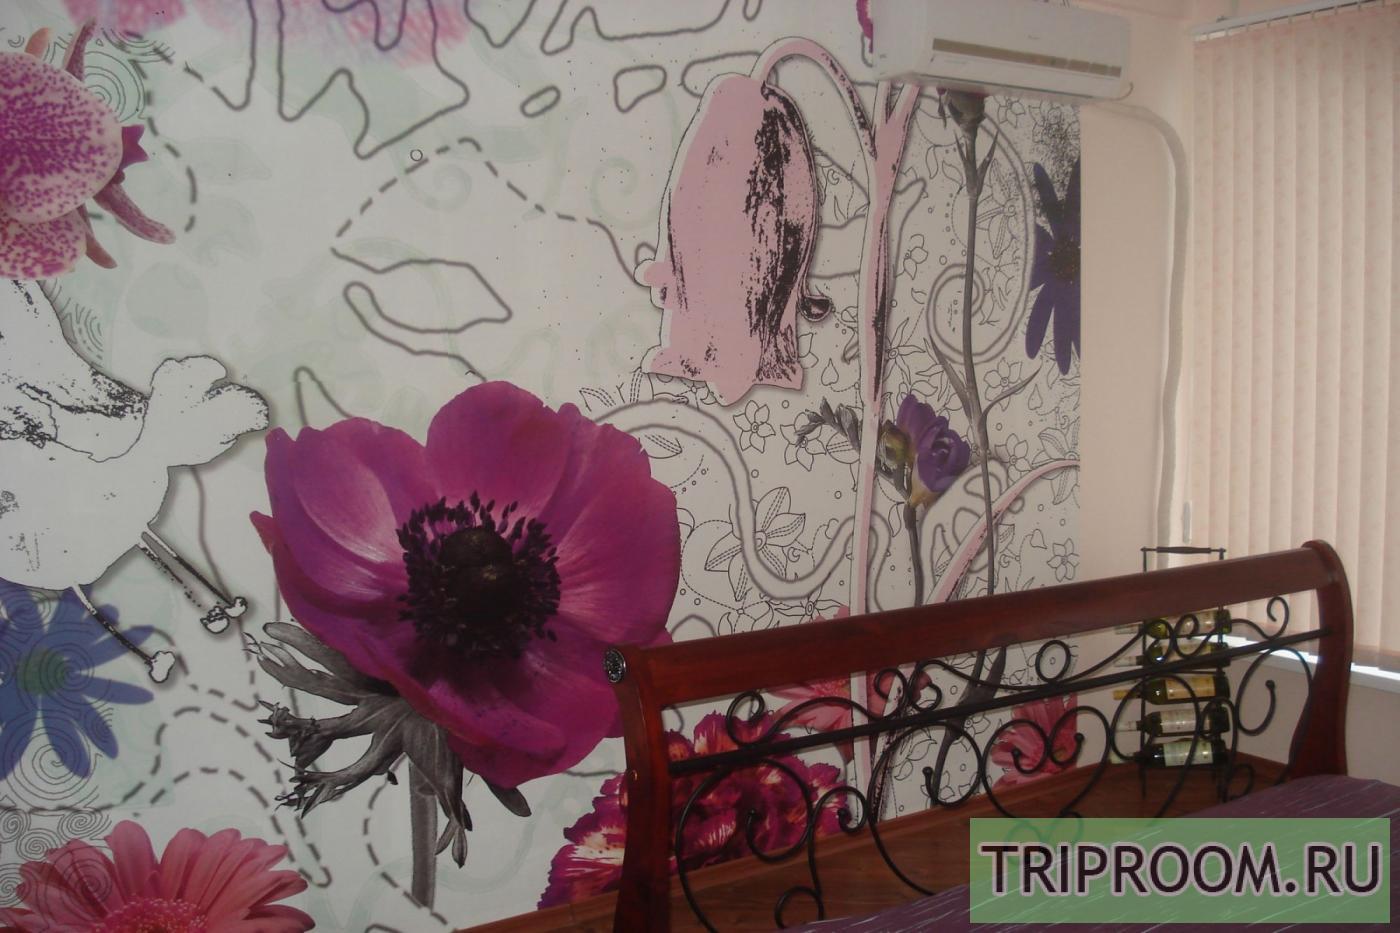 2-комнатная квартира посуточно (вариант № 858), ул. Кастрополь, ул. Кипарисная улица, фото № 1